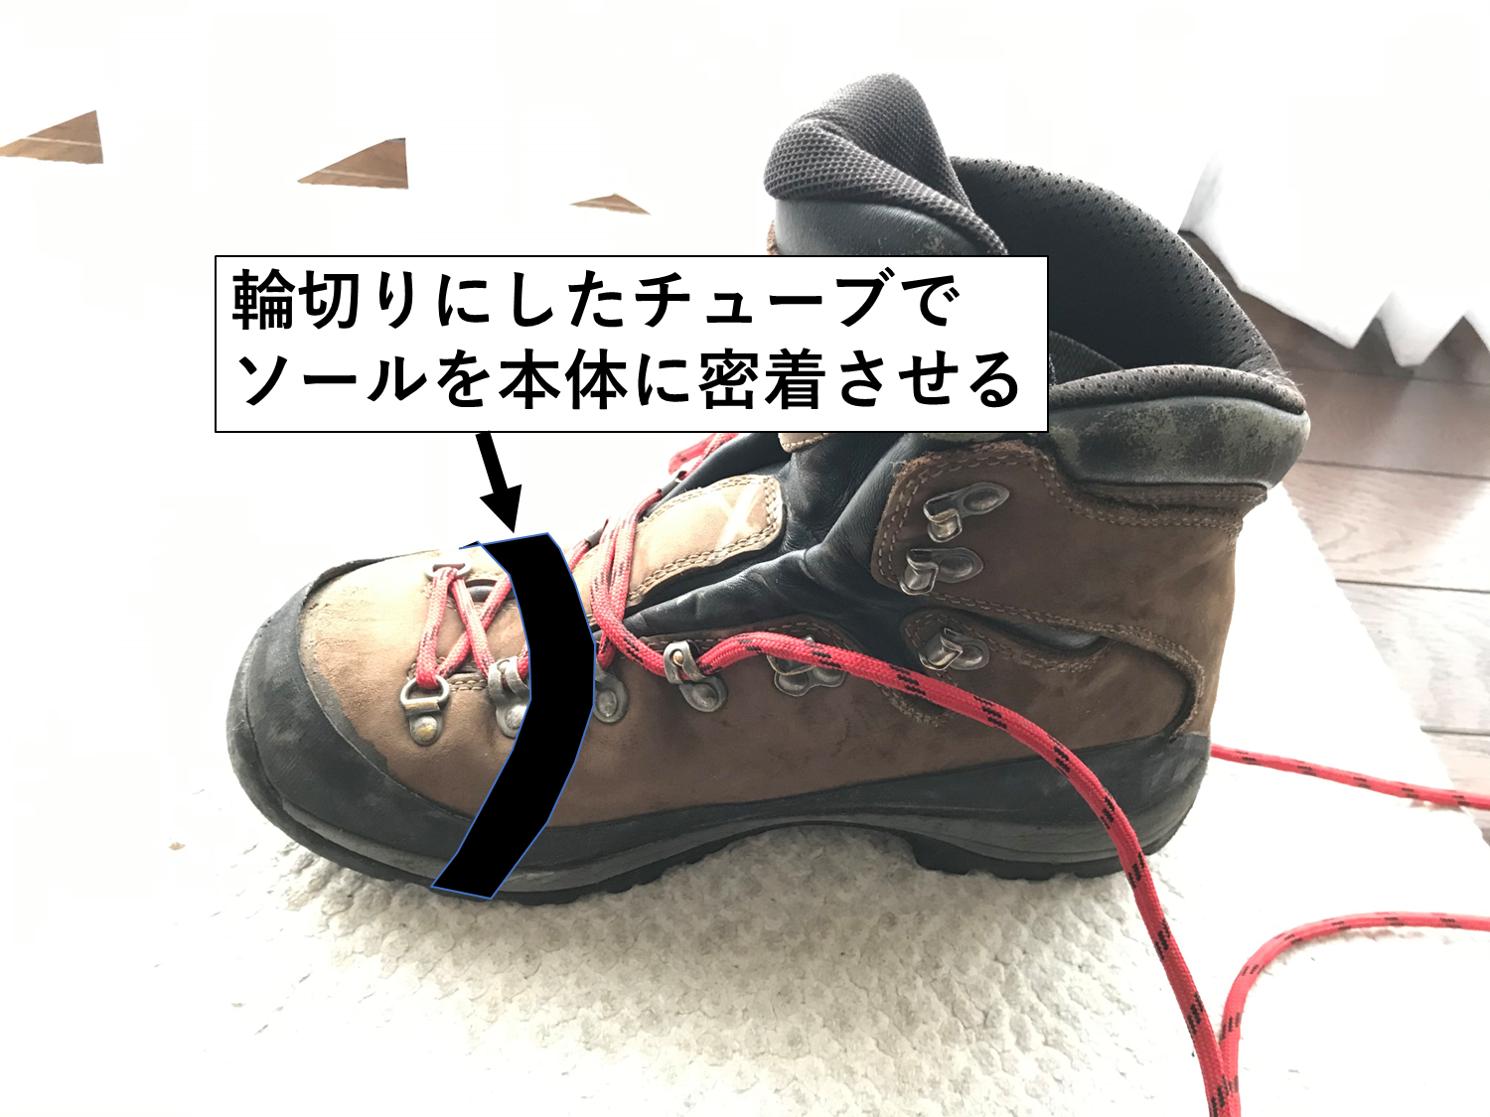 輪切りにしたチューブでの登山靴の補修